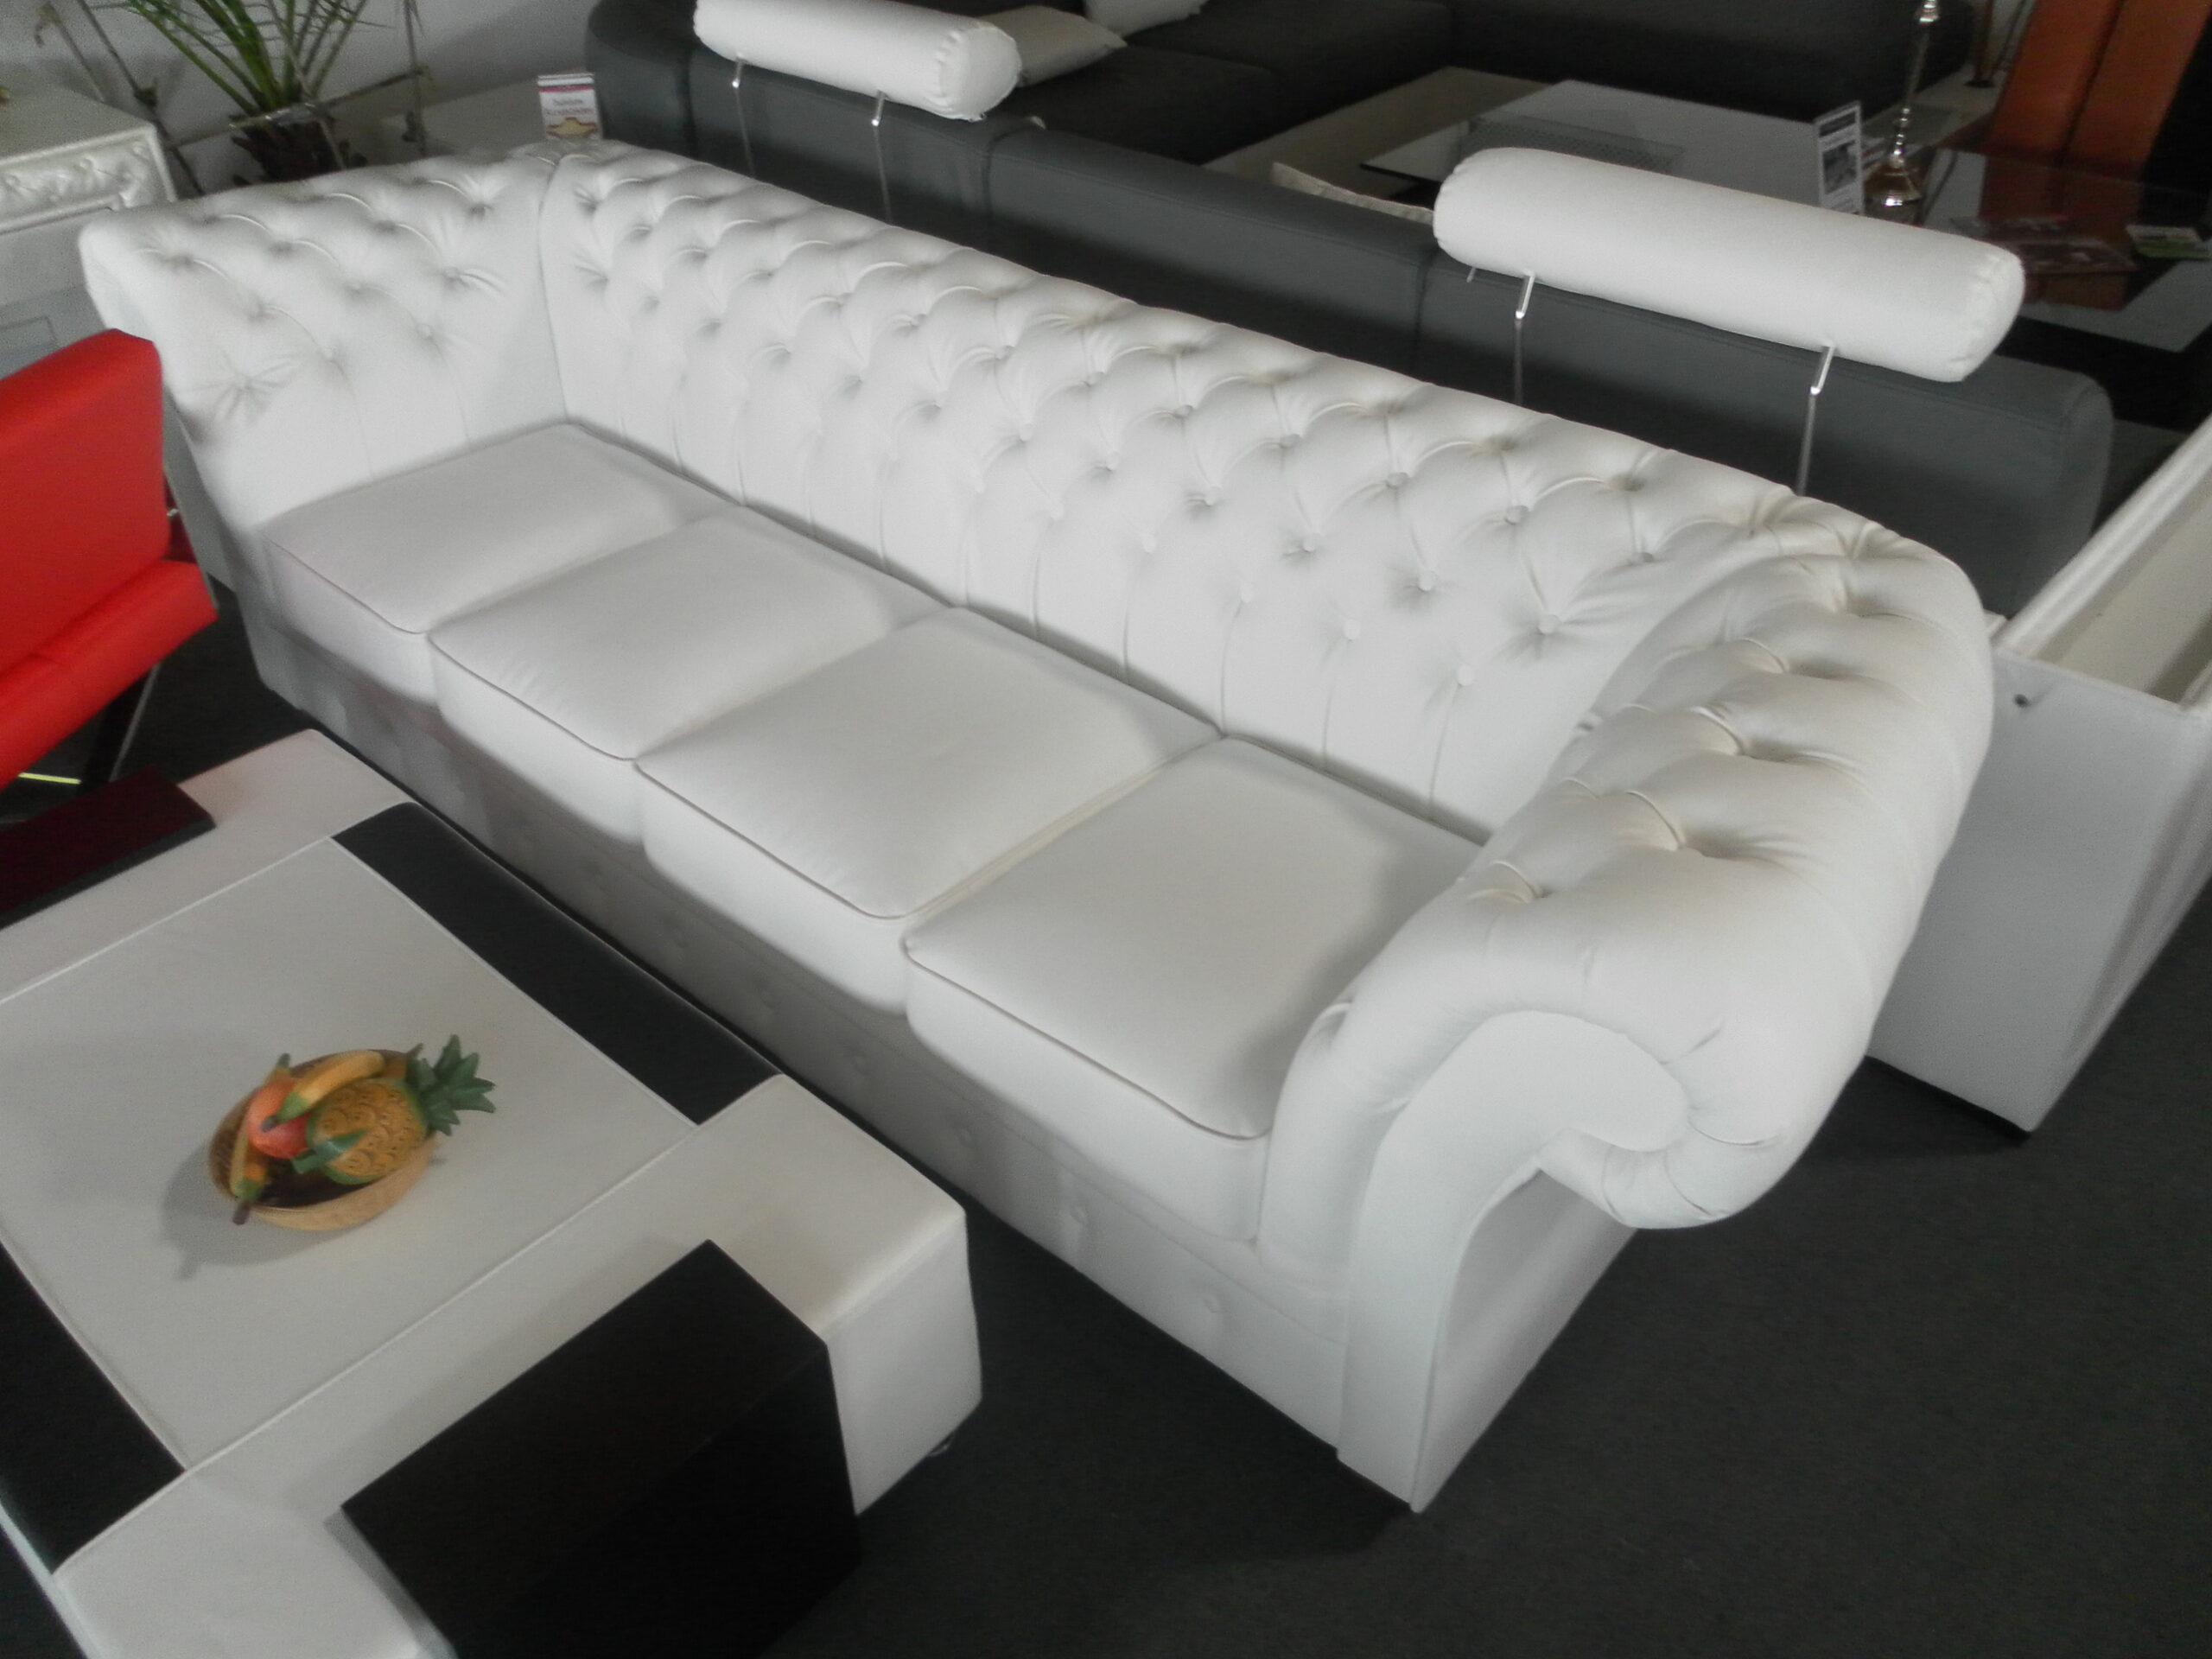 Full Size of Big Sofa Weiß 3 Sitzer Leder Couch Winchester 210 Cm Material Echtleder Textil Hay Mags Mit Hocker Bett 180x200 Grau Auf Raten 3er Stoff Dreisitzer Küche Sofa Big Sofa Weiß